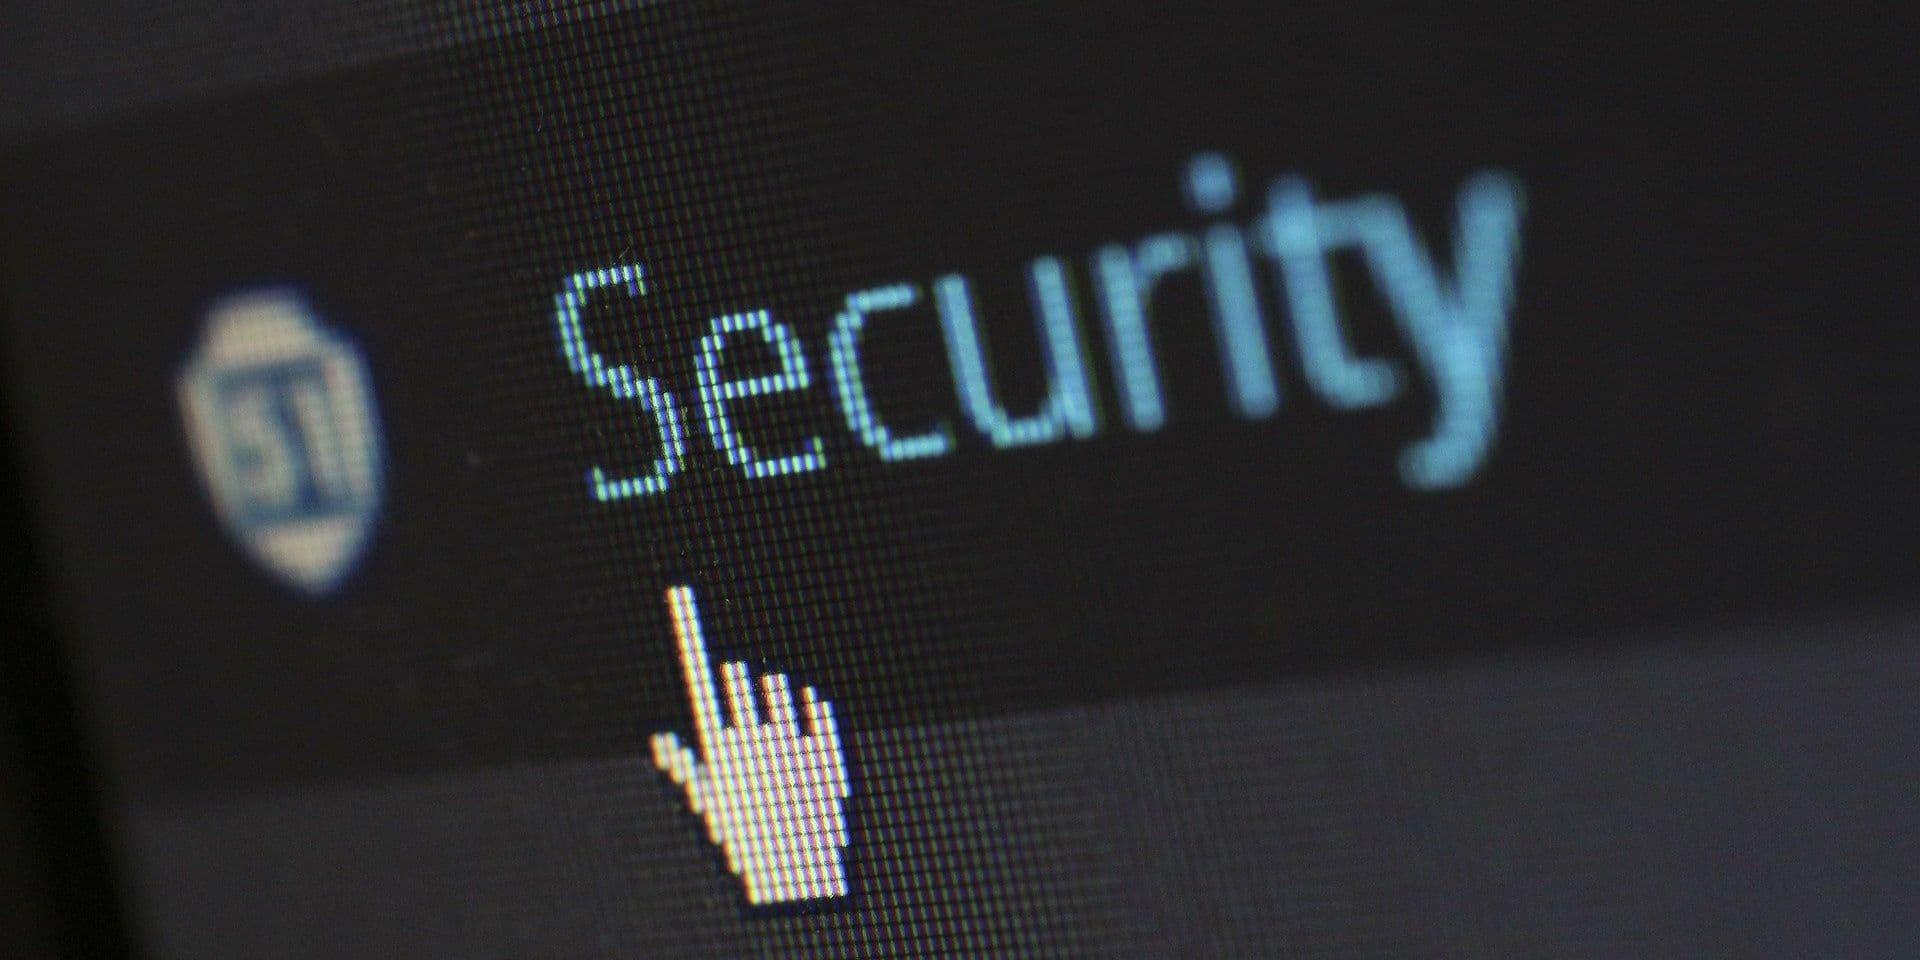 Les signalements de fraude sur internet ont augmenté de 30% l'an dernier